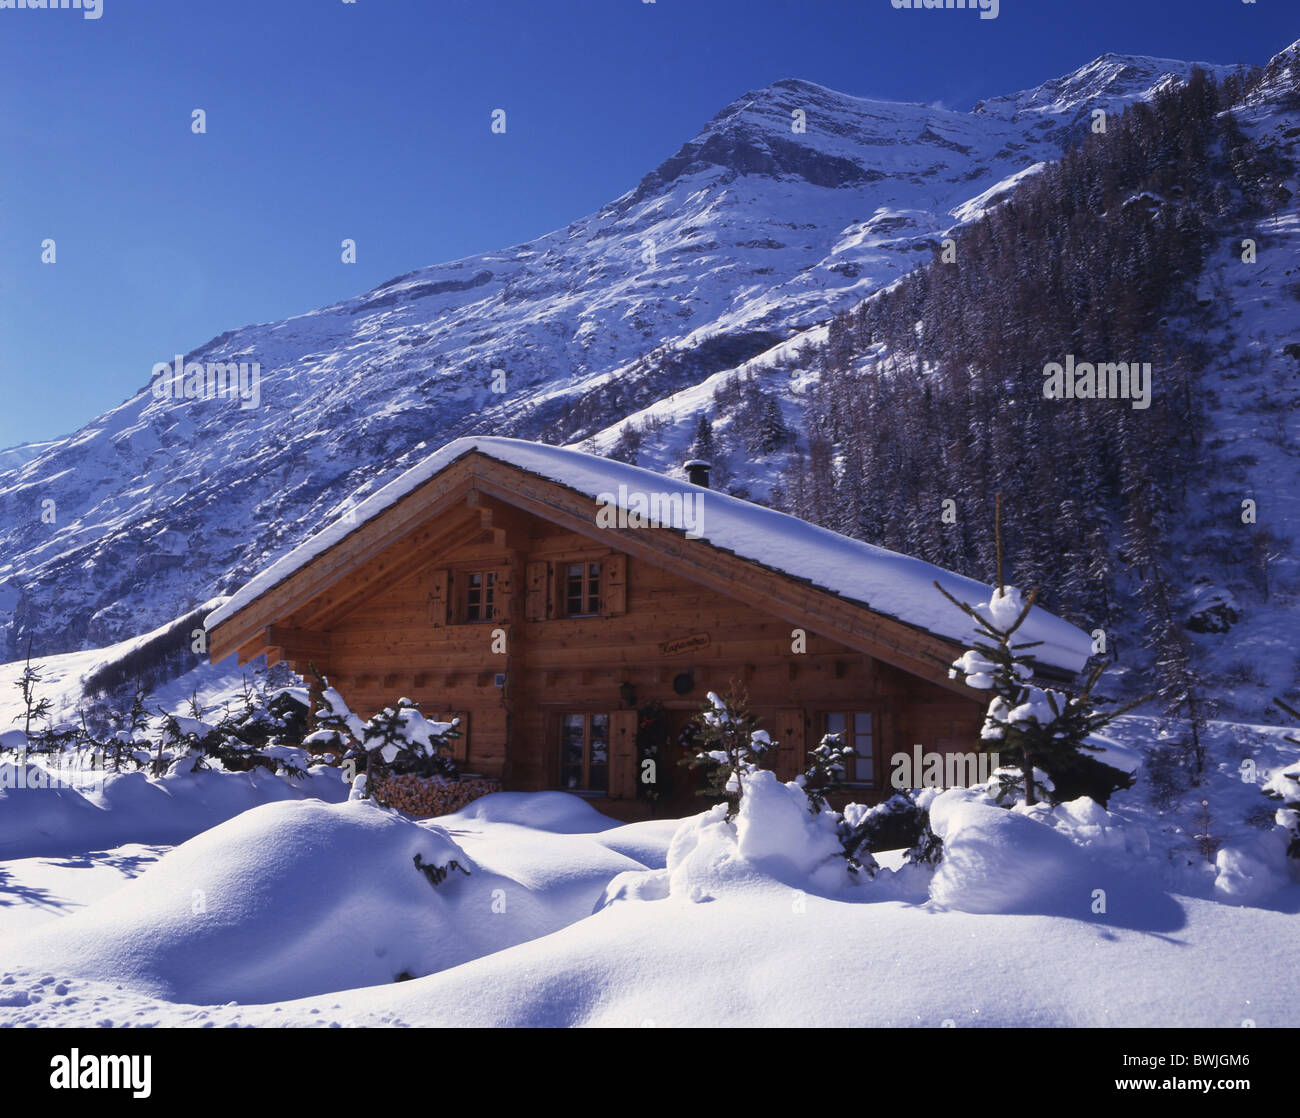 Haus Berge: Chalet Ferienhaus Snowbound Schnee Schnee Schnee Winter